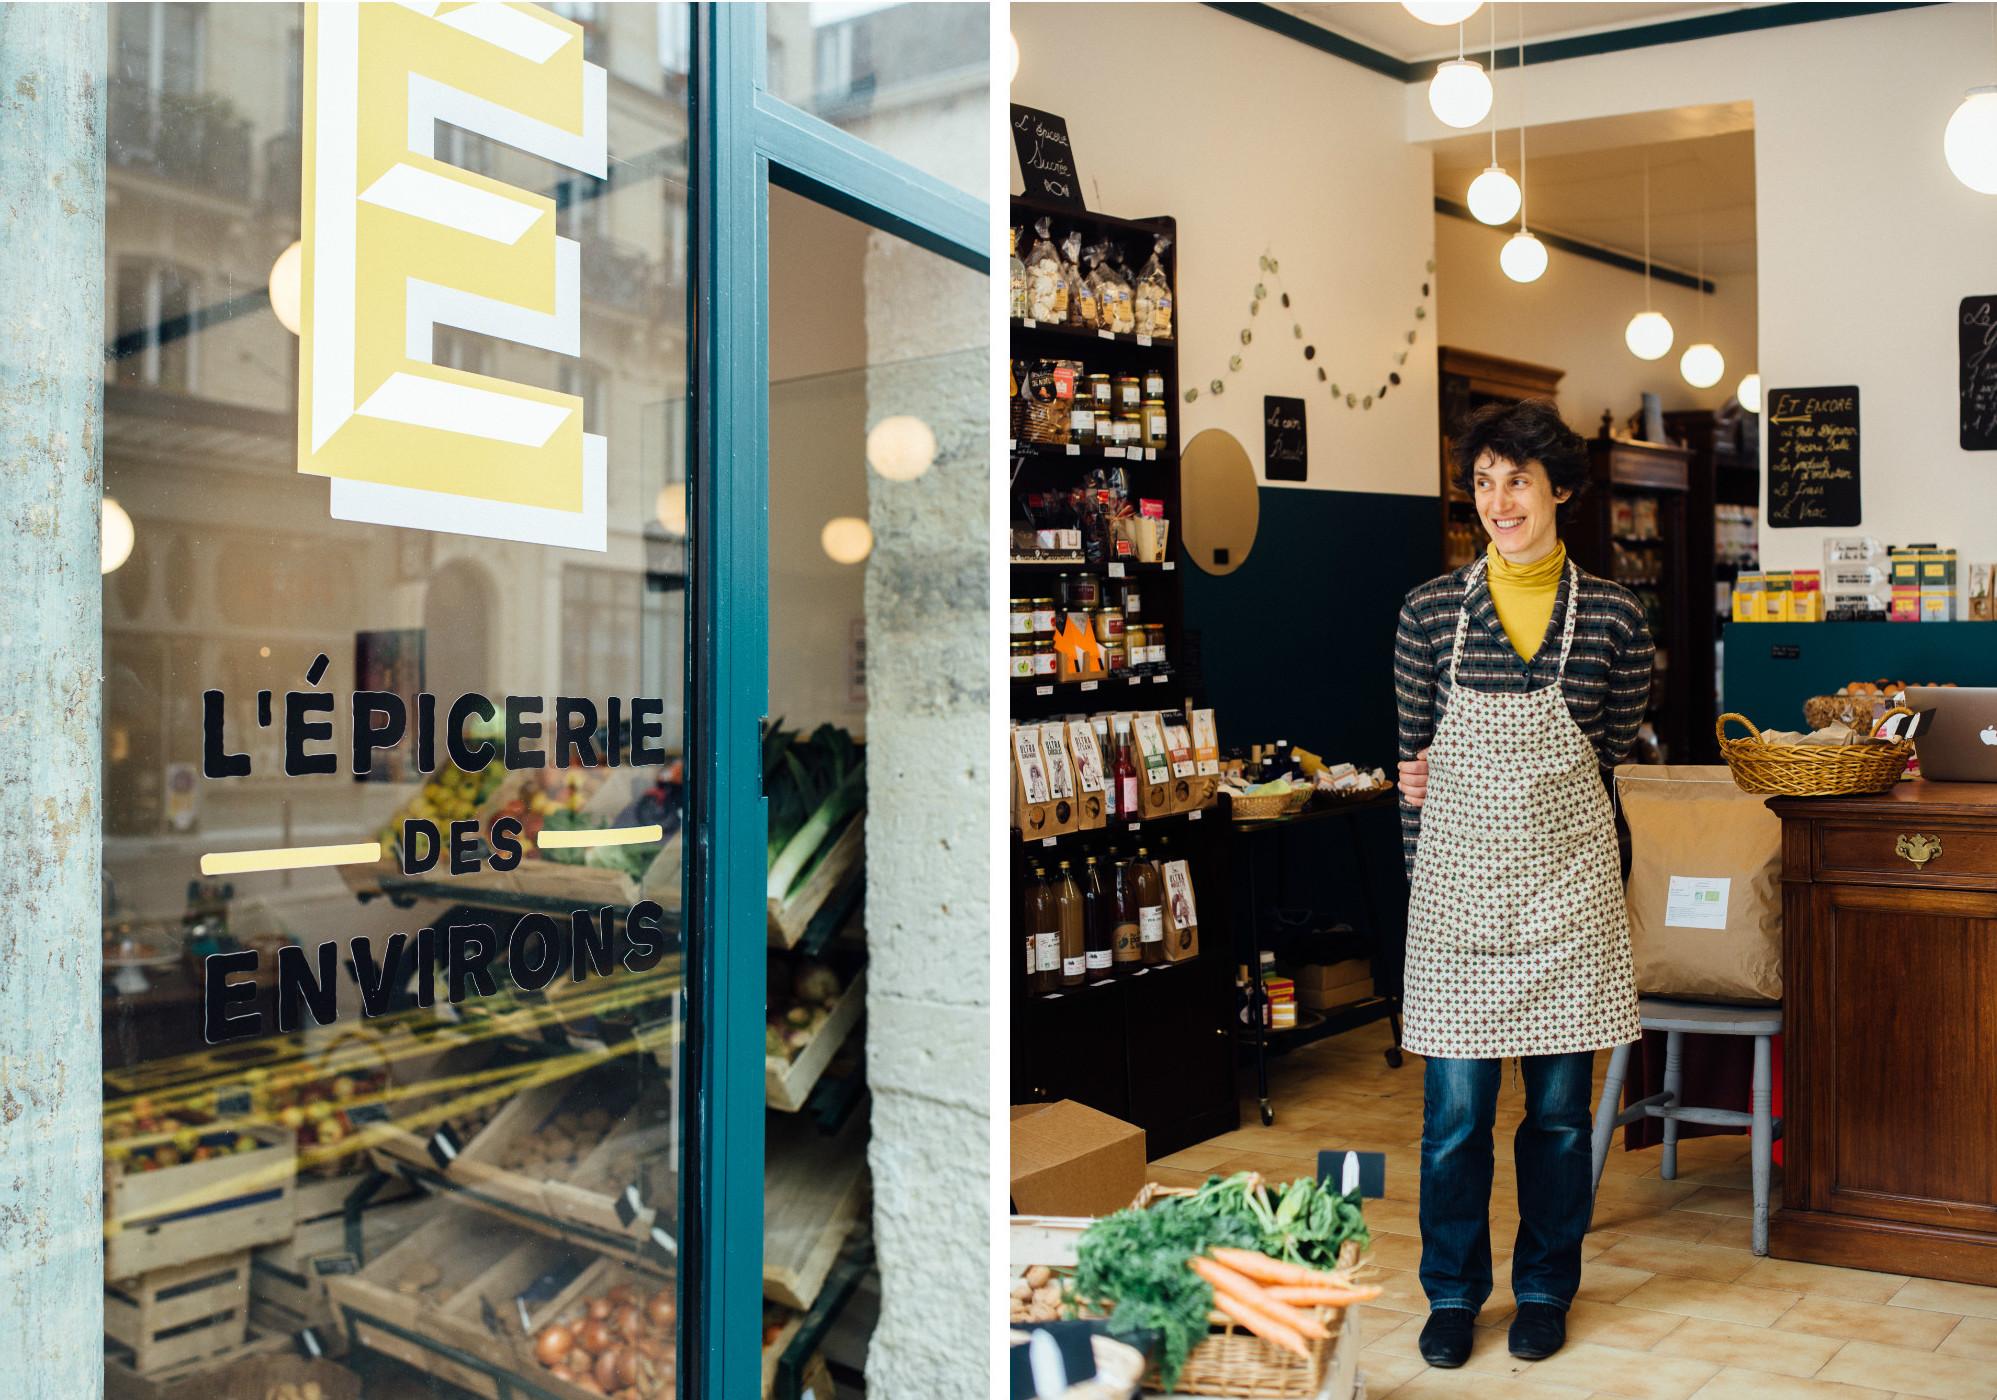 L'Epicerie des Environs: Local Grocery in Paris' 18th Arrondissement